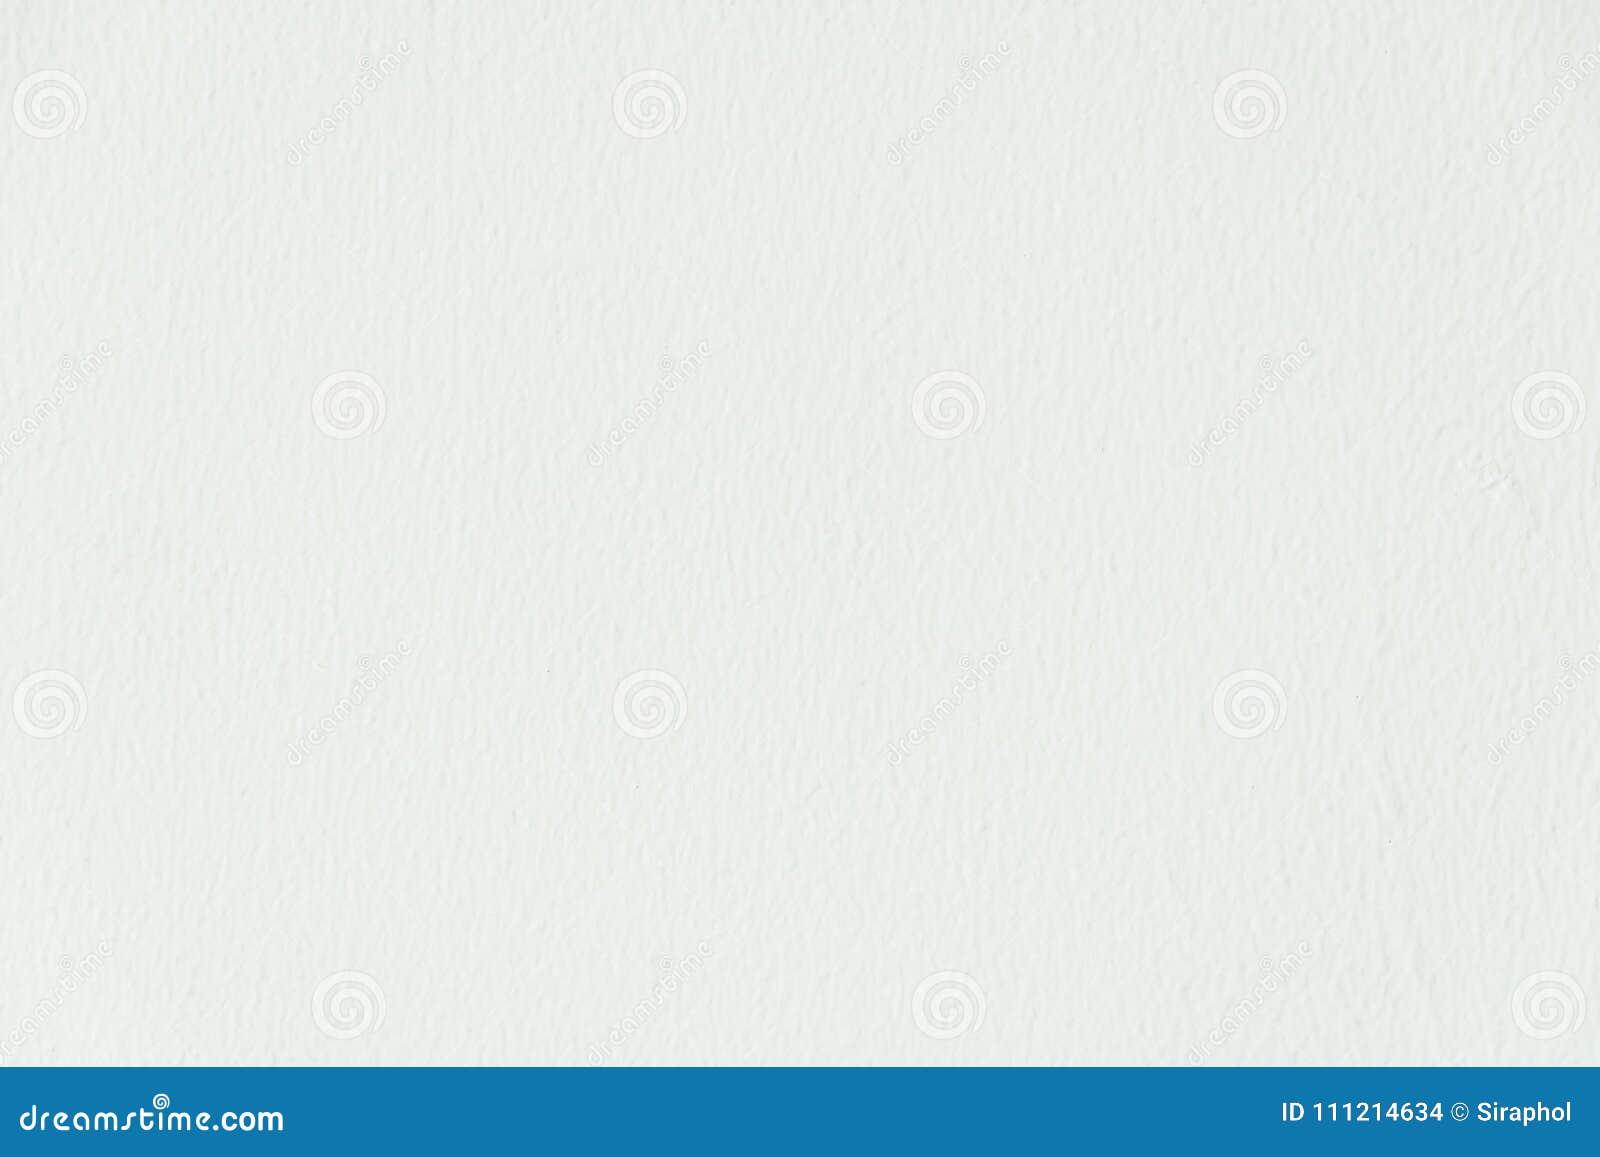 抽象白色帆布纹理和表面